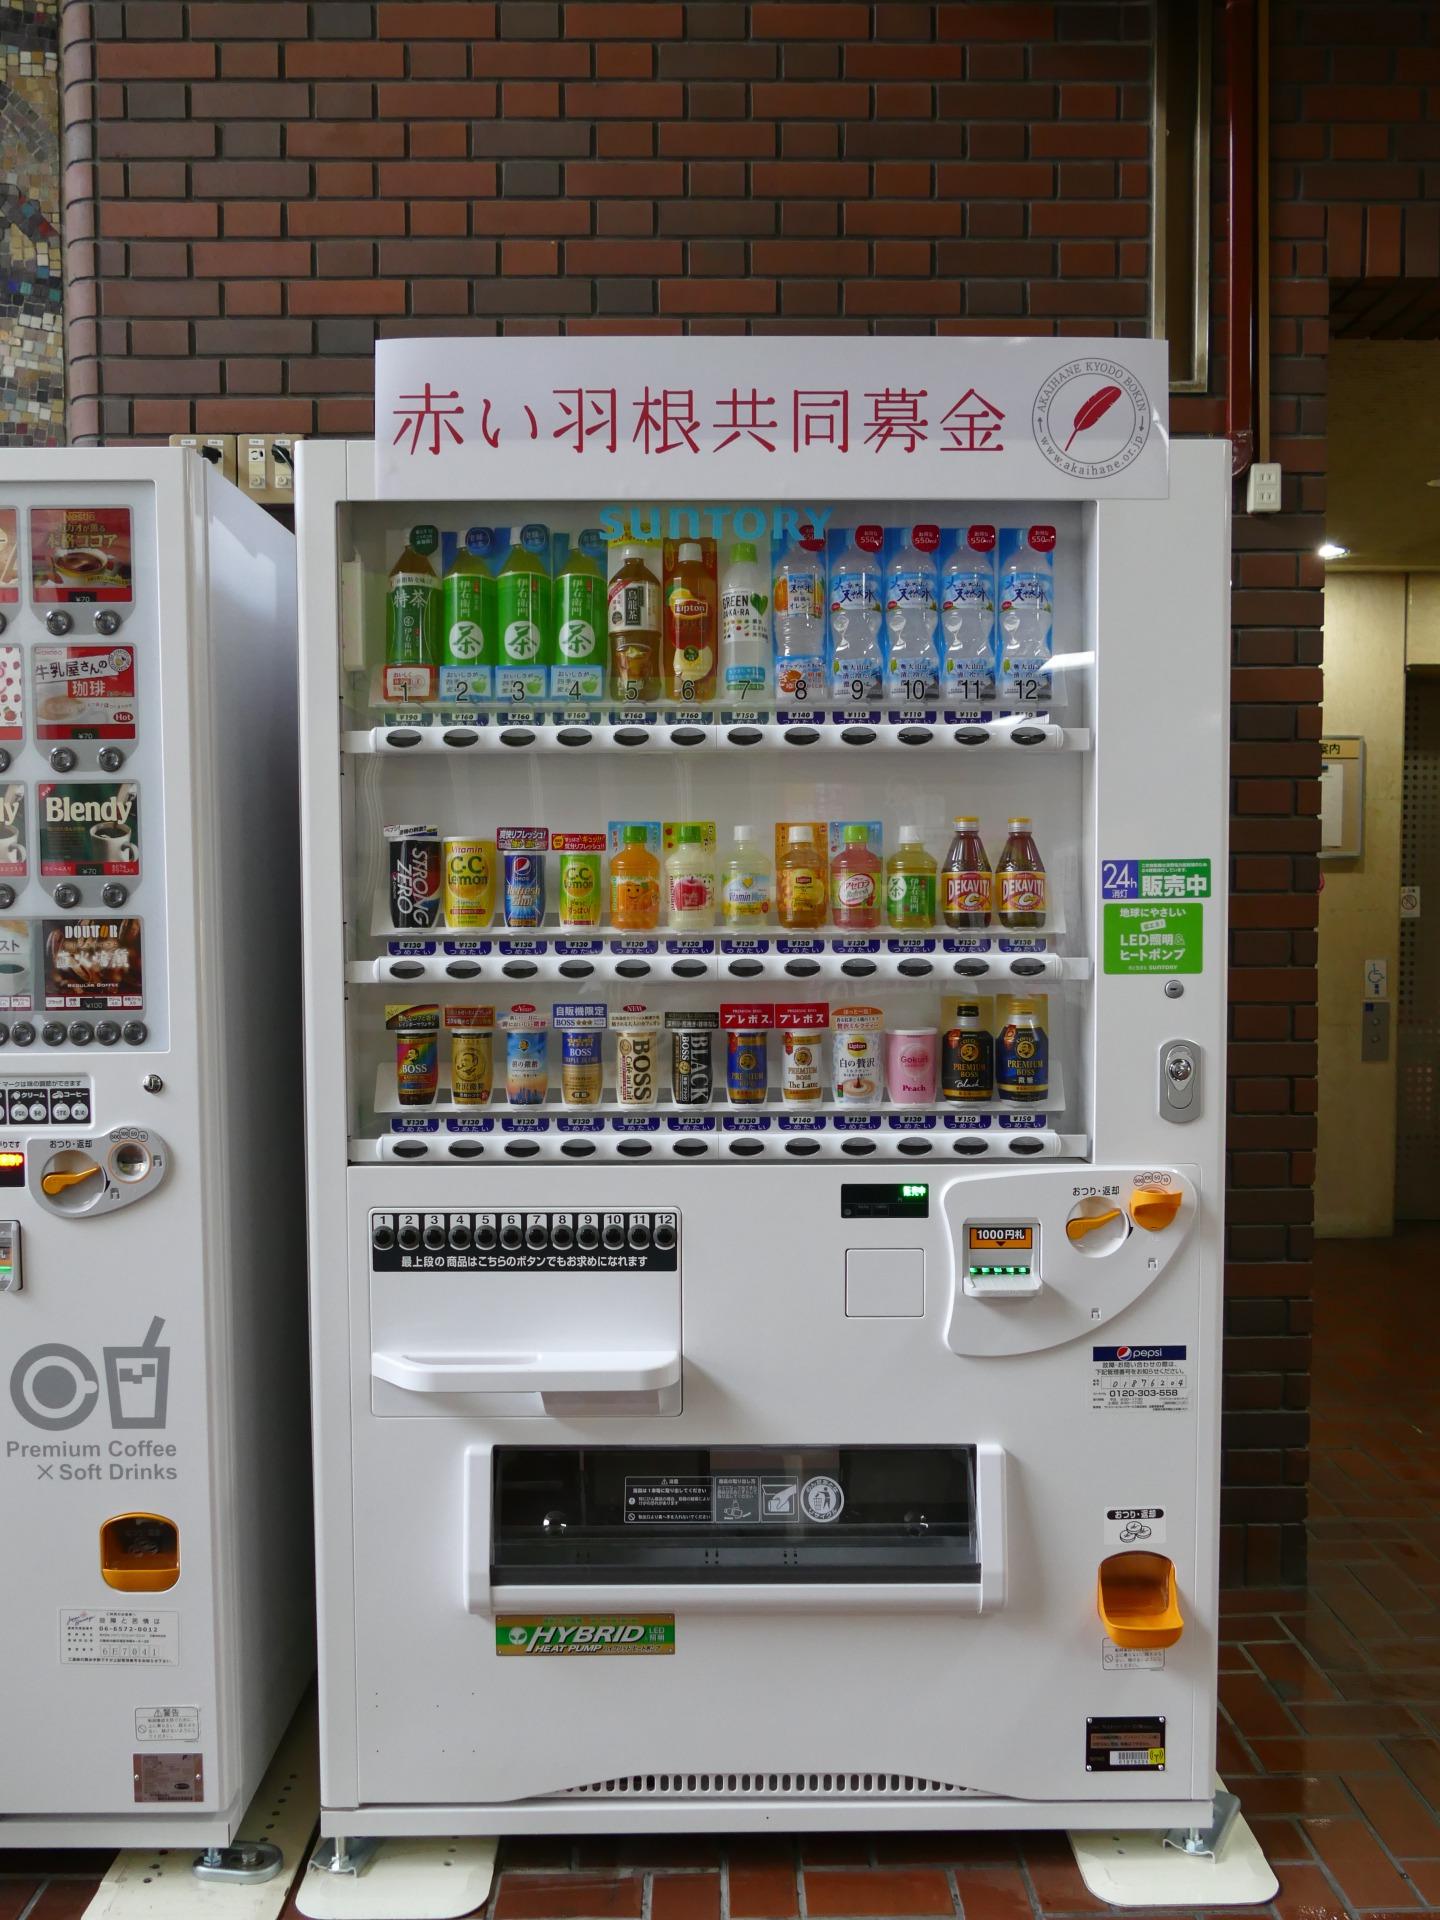 大阪府社会福祉協議会に自販機が設置されました!